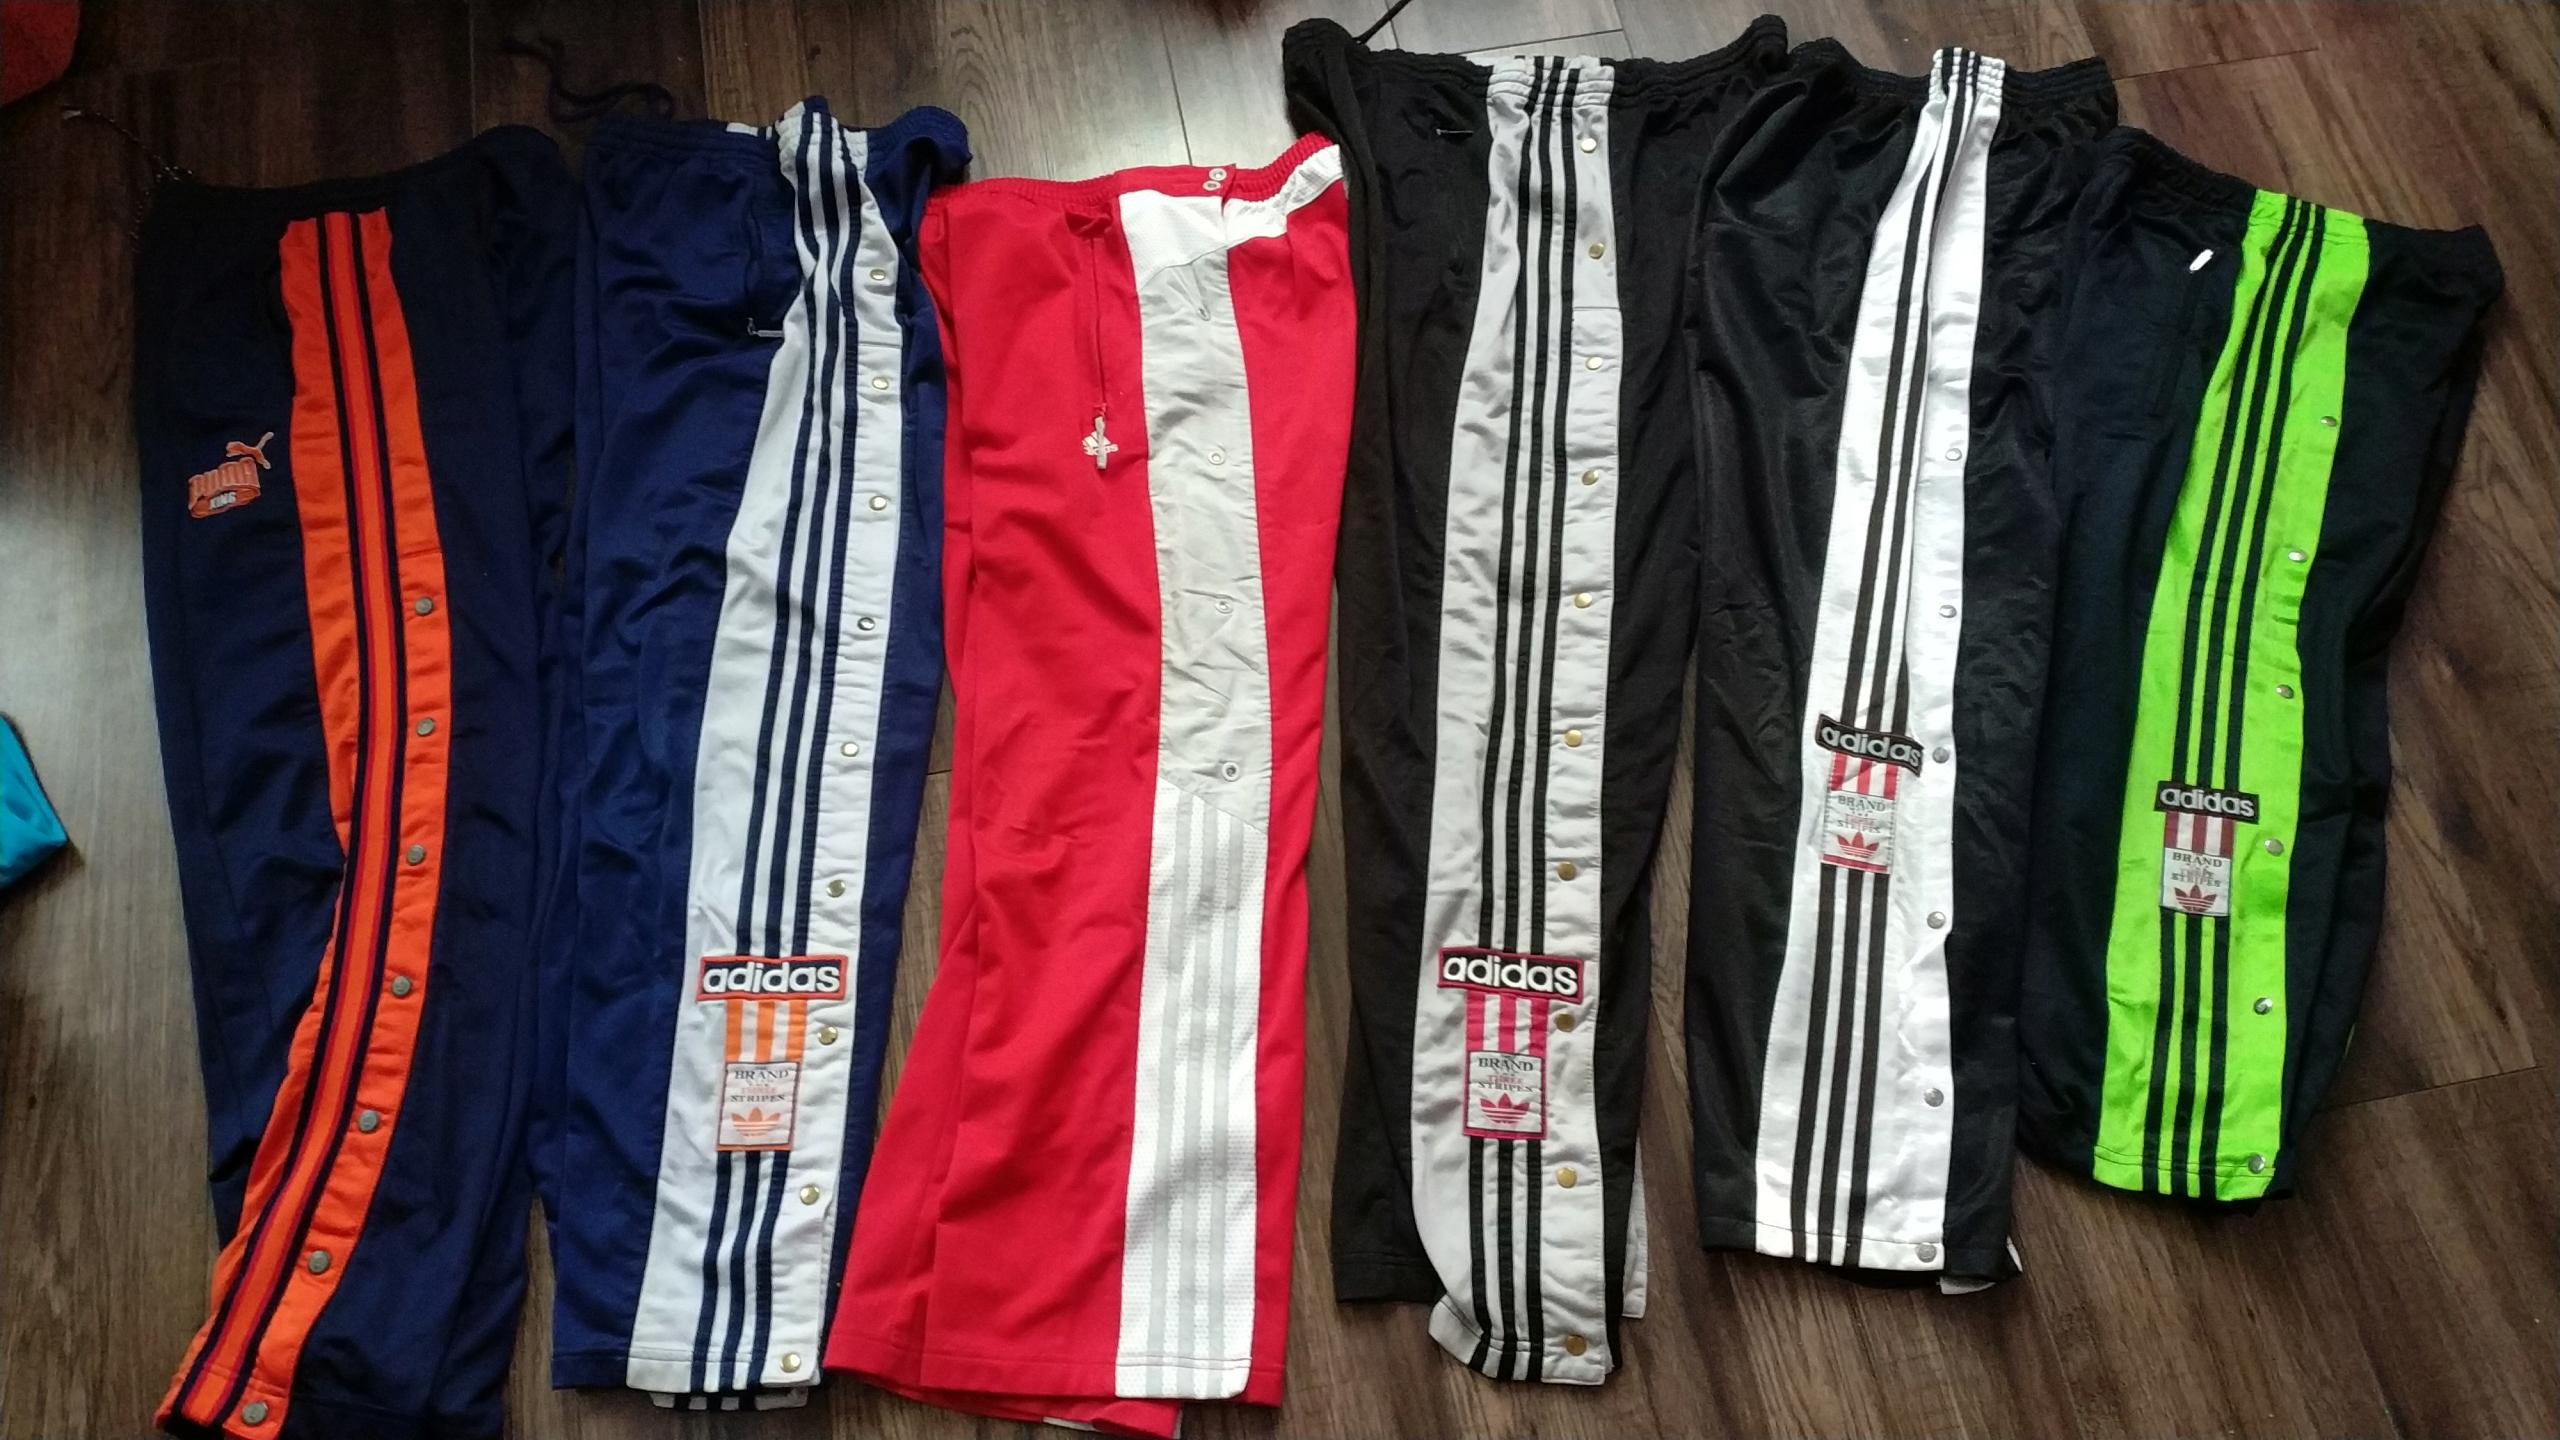 Paczka bluz Adidas Originals Oldschool Rasta 20szt